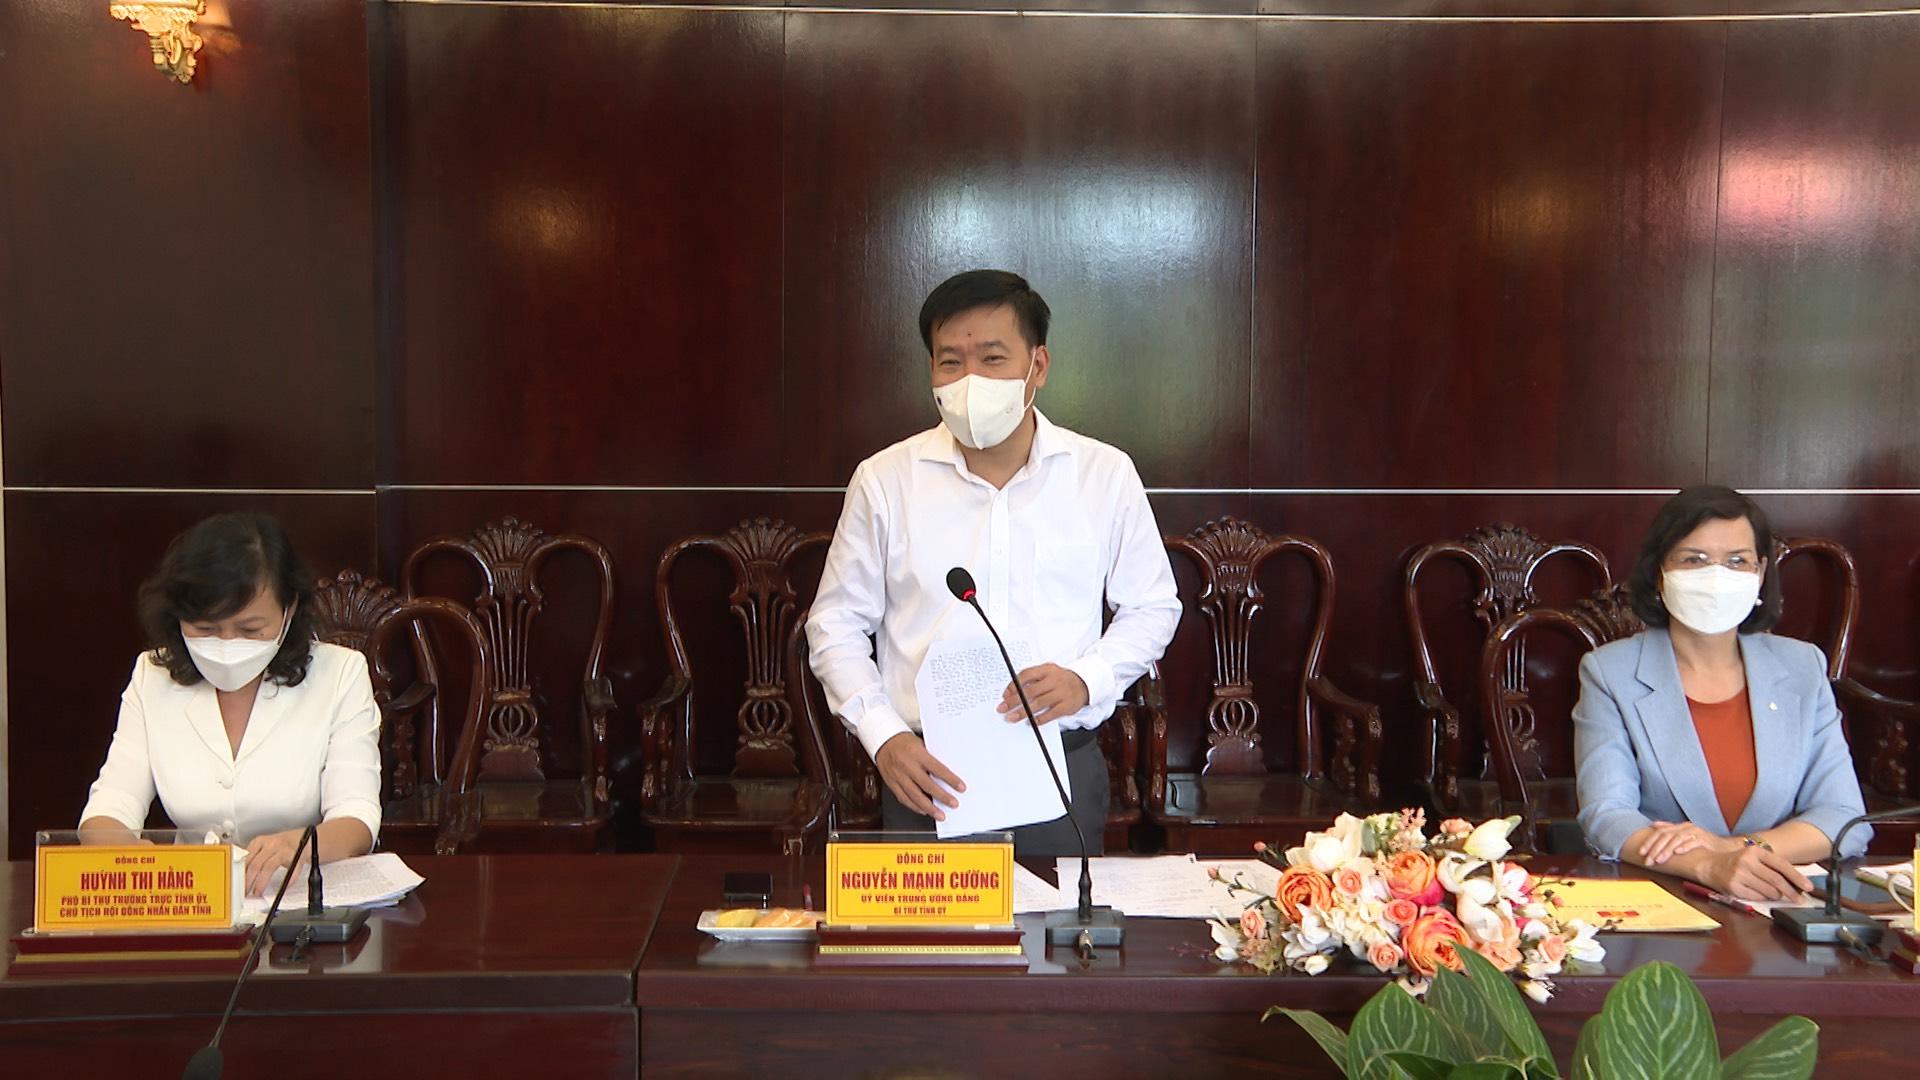 Bí thư Tỉnh ủy Bình Phước Nguyễn Mạnh Cường nhấn mạnh, tỉnh luôn quan tâm và coi trọng công tác tuyên truyền trong phòng, chống dịch COVID-19.